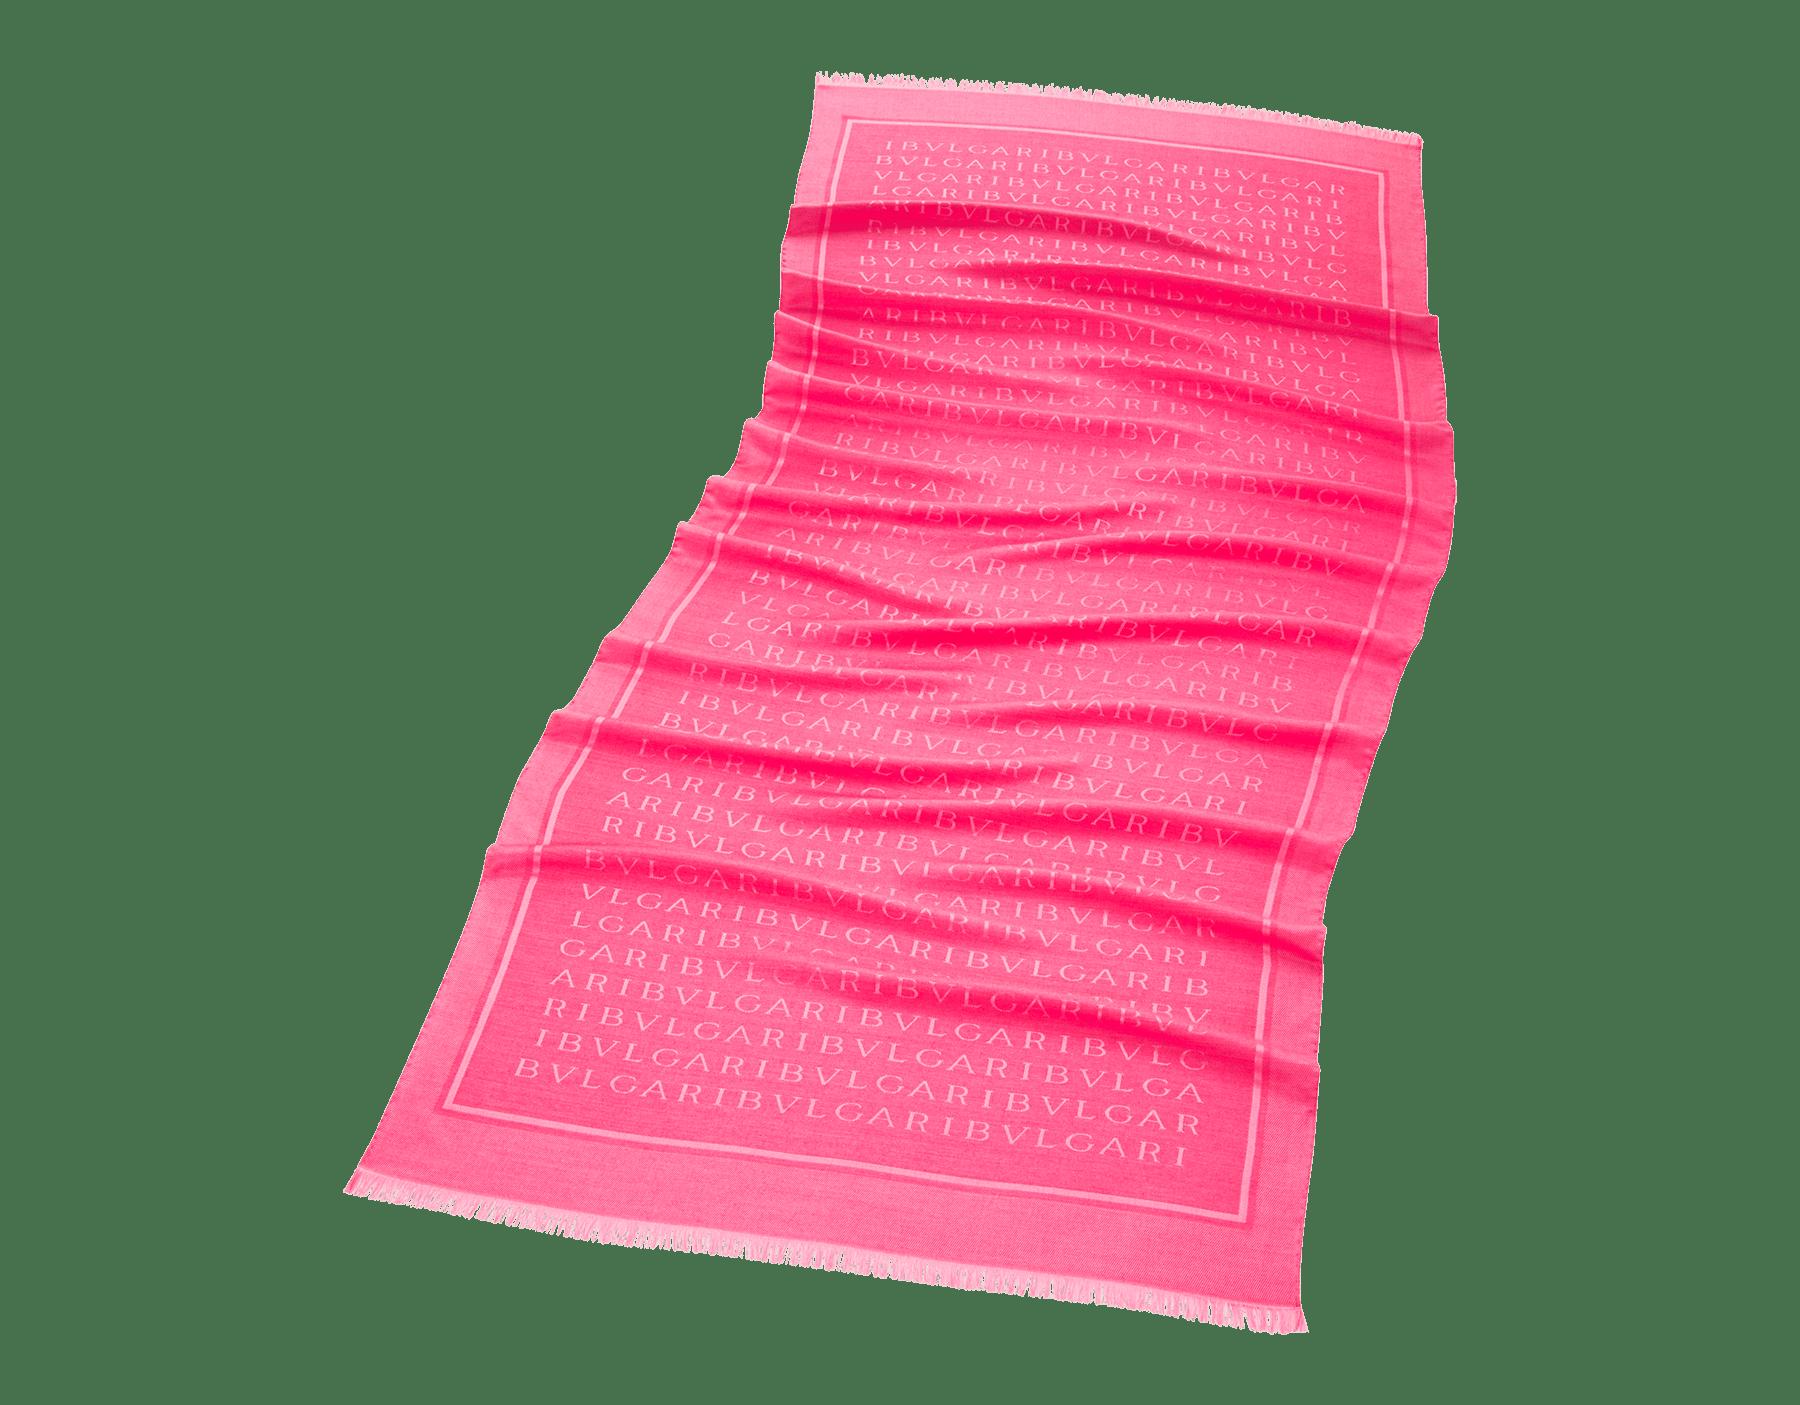 Étole Lettere Maxi couleur Flash Amethyst en laine et soie fine. 244065 image 1